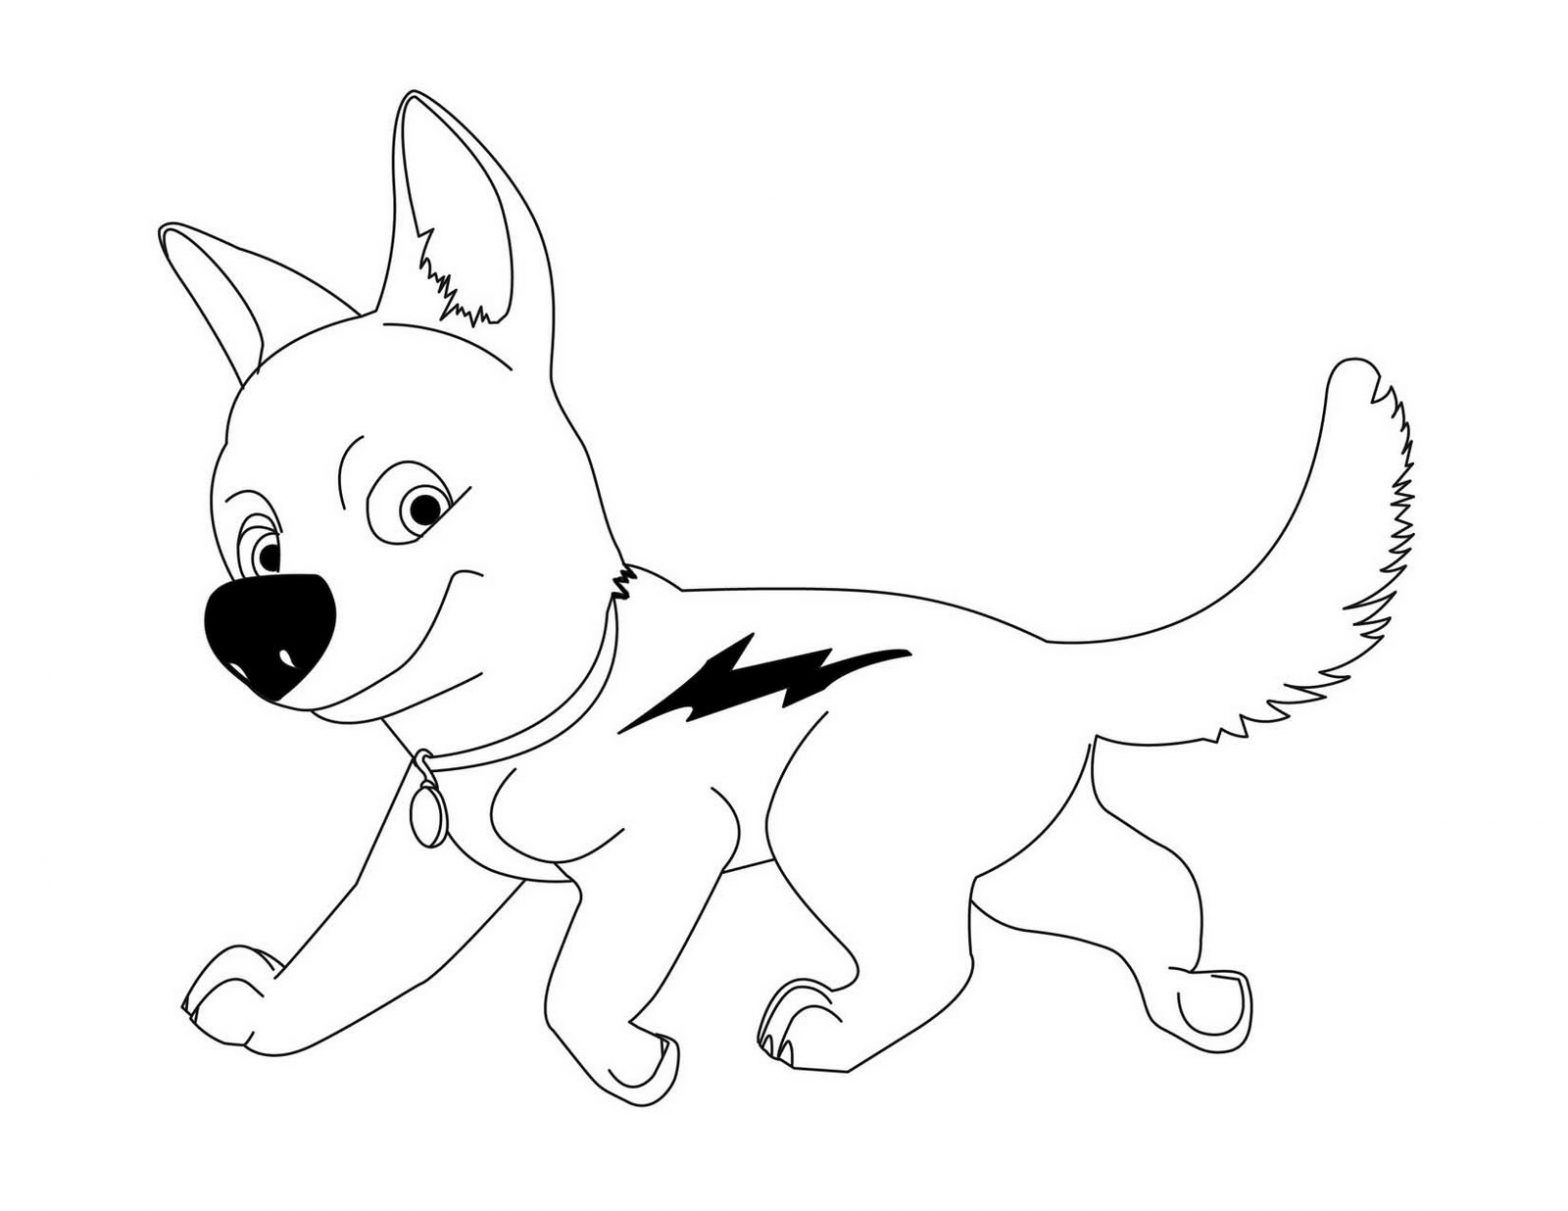 Dibujo infantil de Bolt para colorear | asiento mesa | Pinterest ...